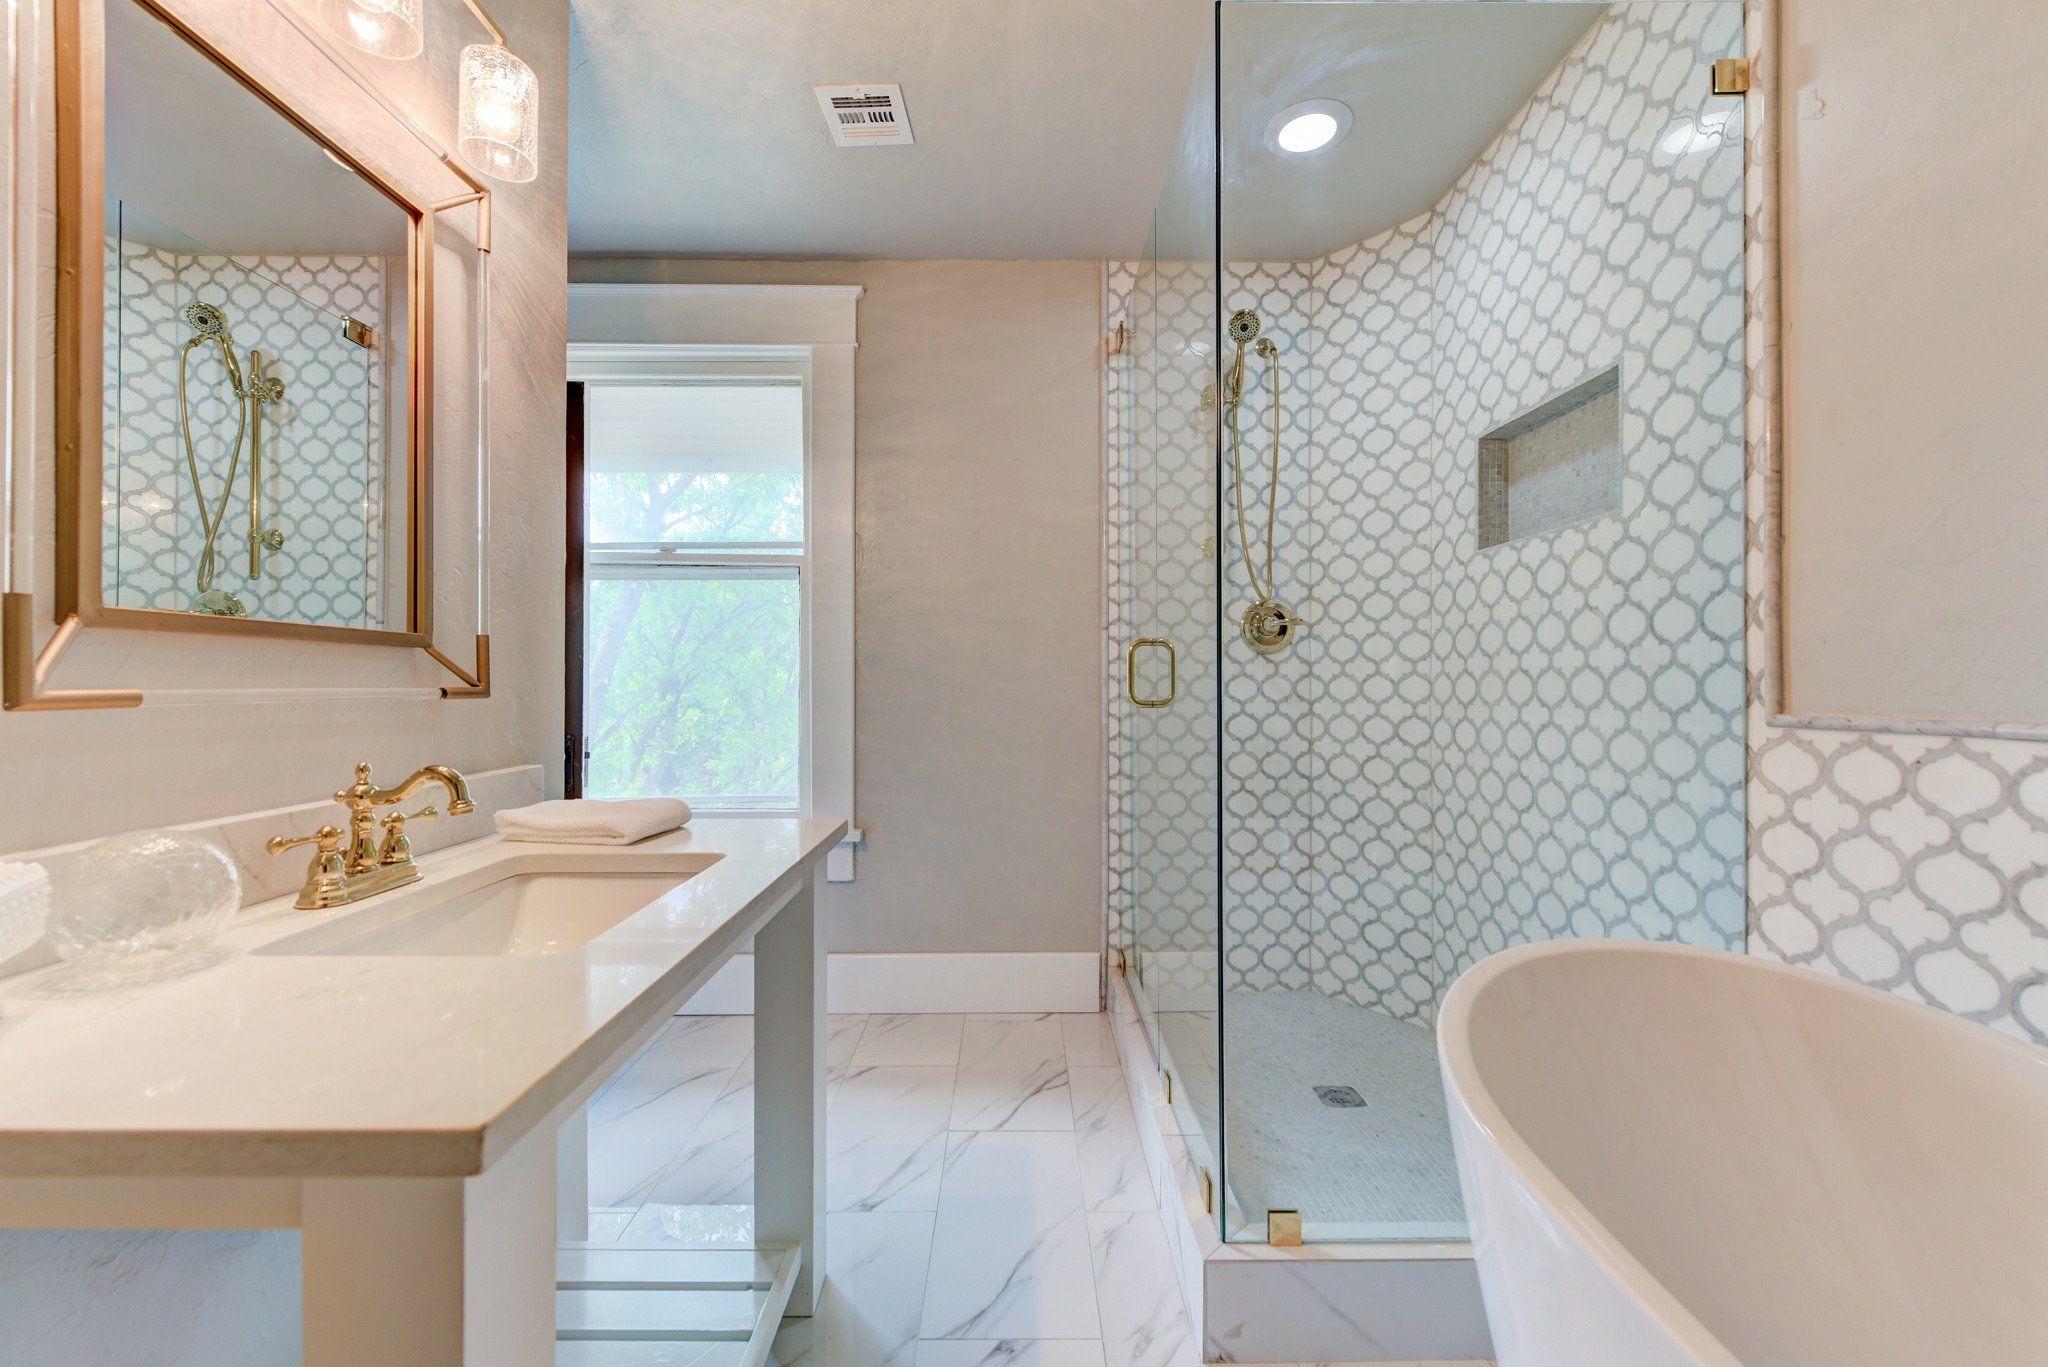 Beautiful Non Tile Kitchen Backsplashes Interiors Kitchen Backsplash Designs Backsplash Wallpaper Kitchen Wallpaper